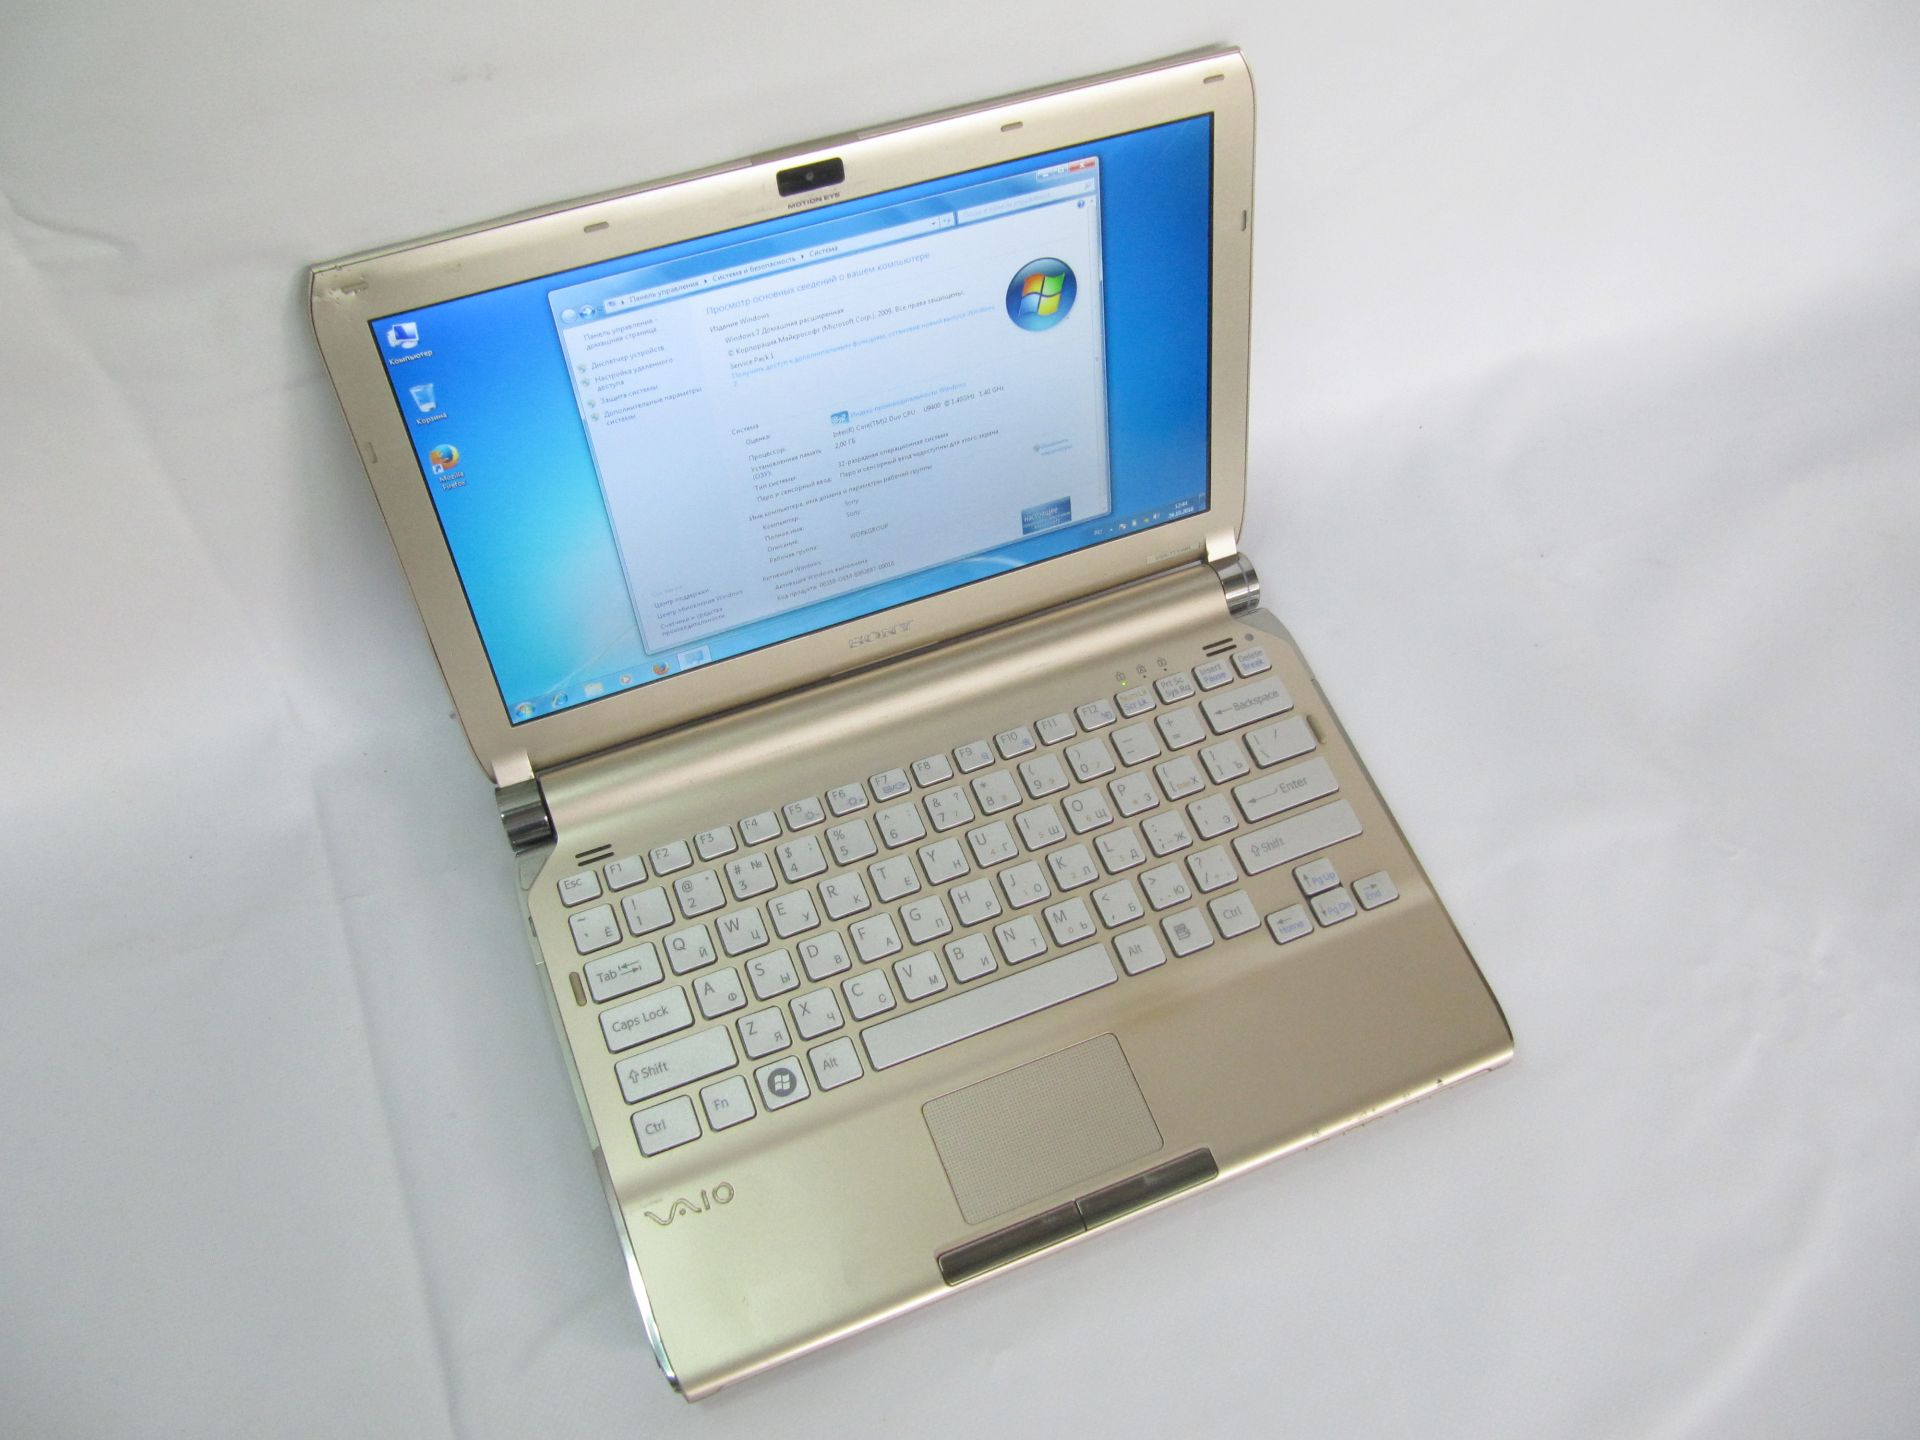 Субноутбук sony vaio pcg-tr2/b